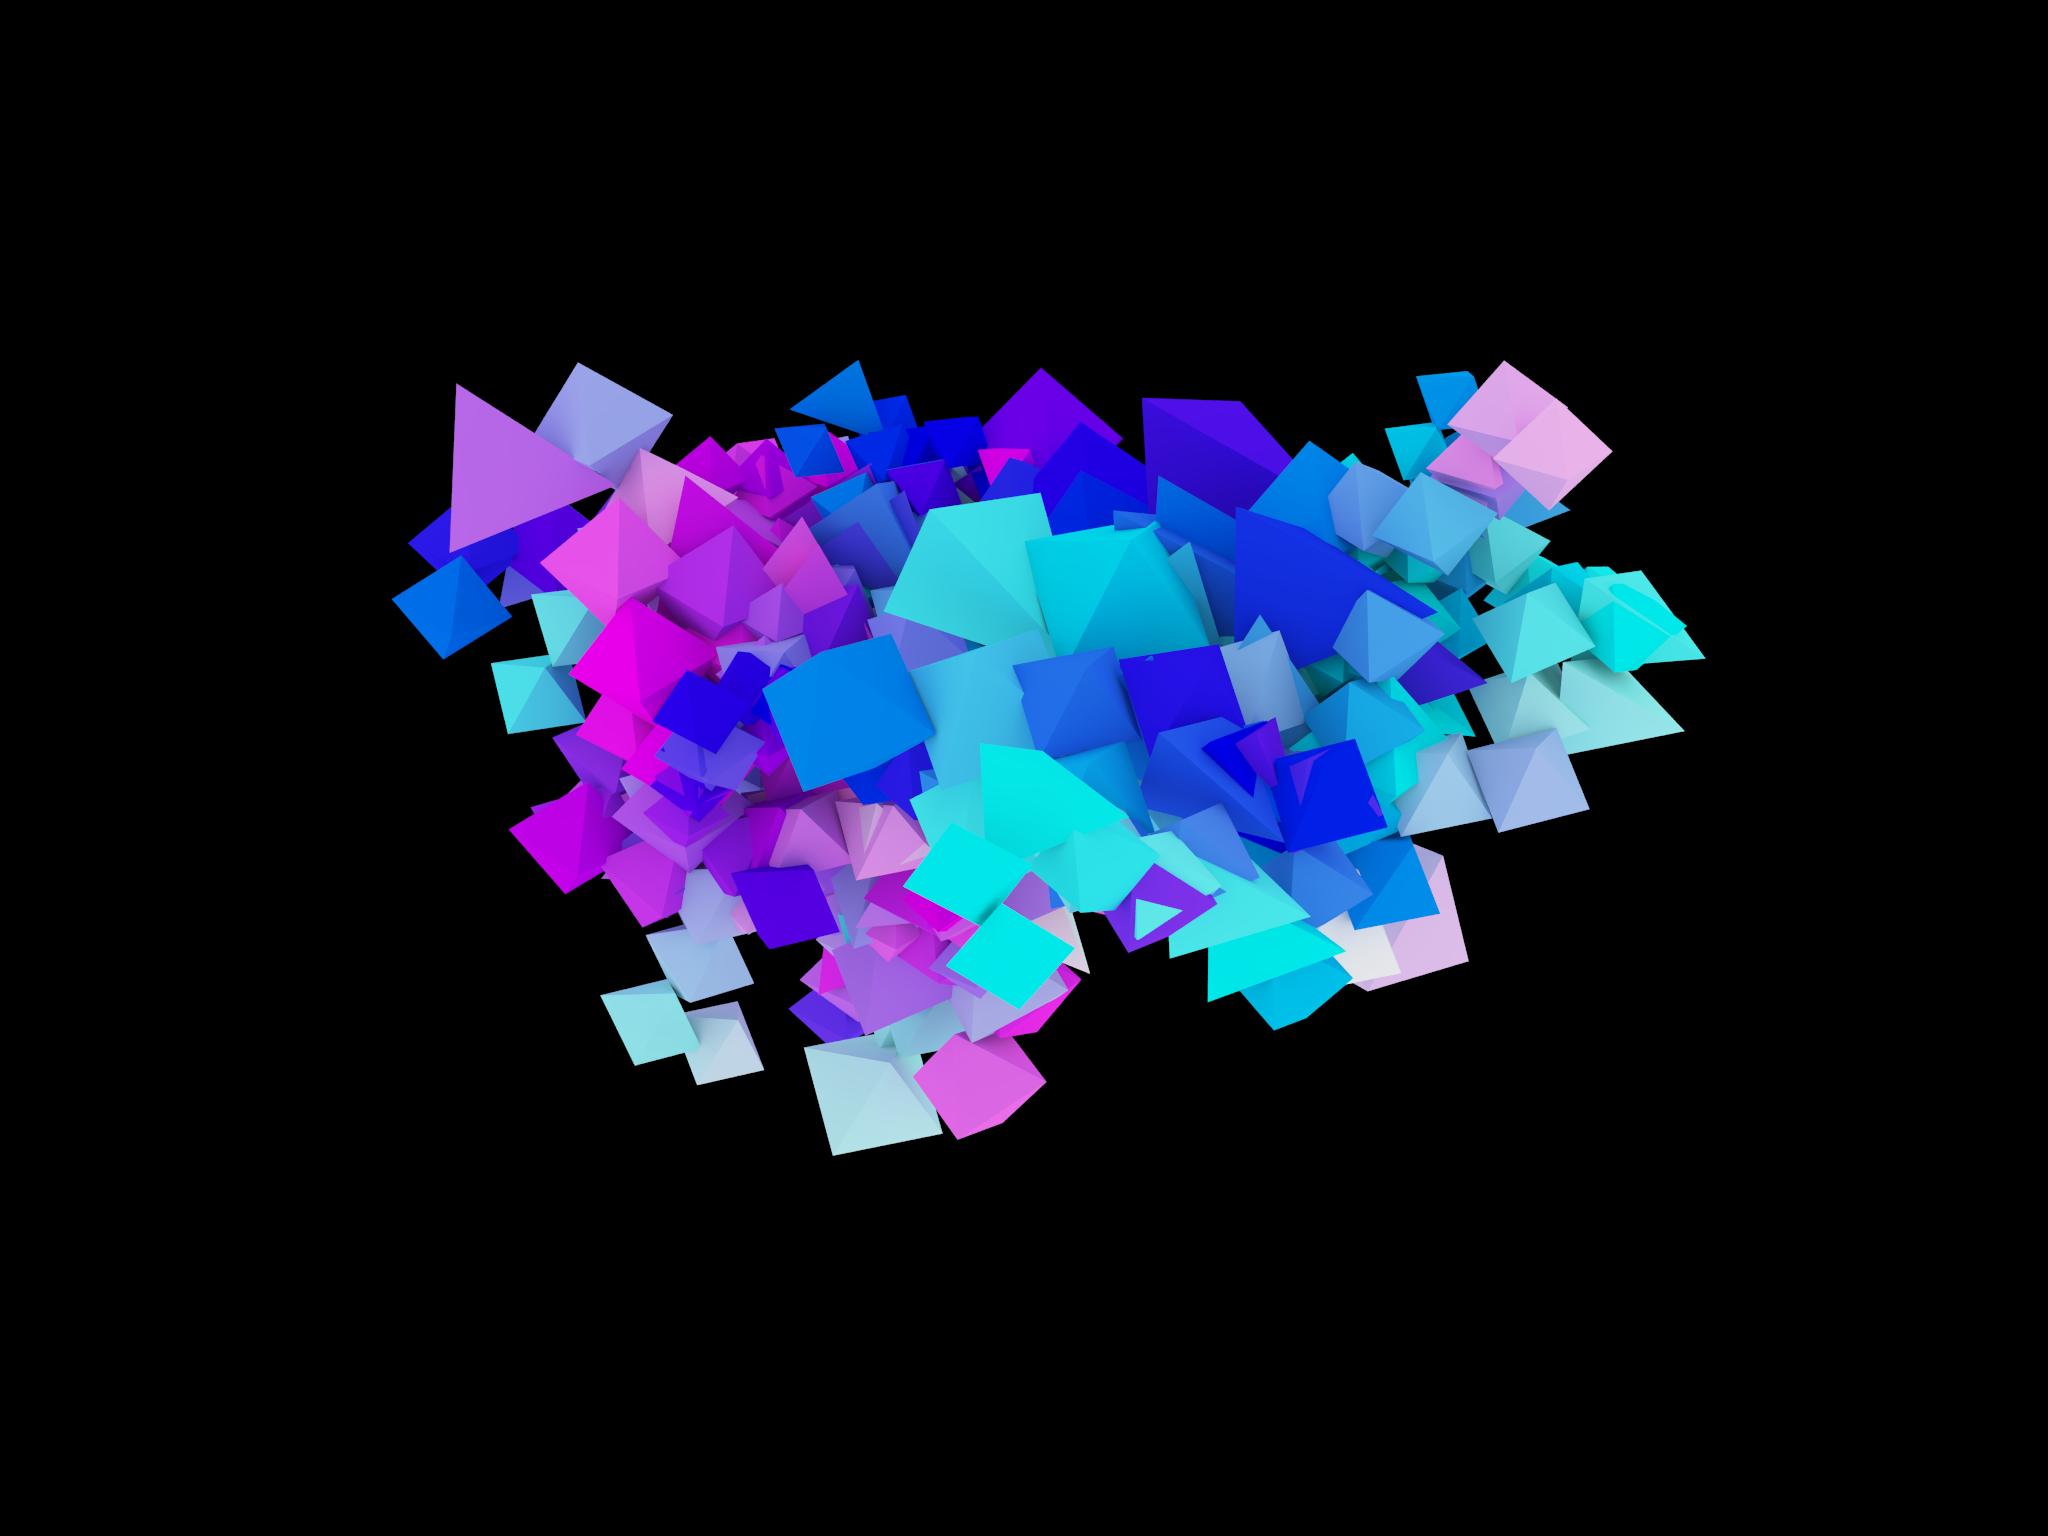 test3_render 1.png